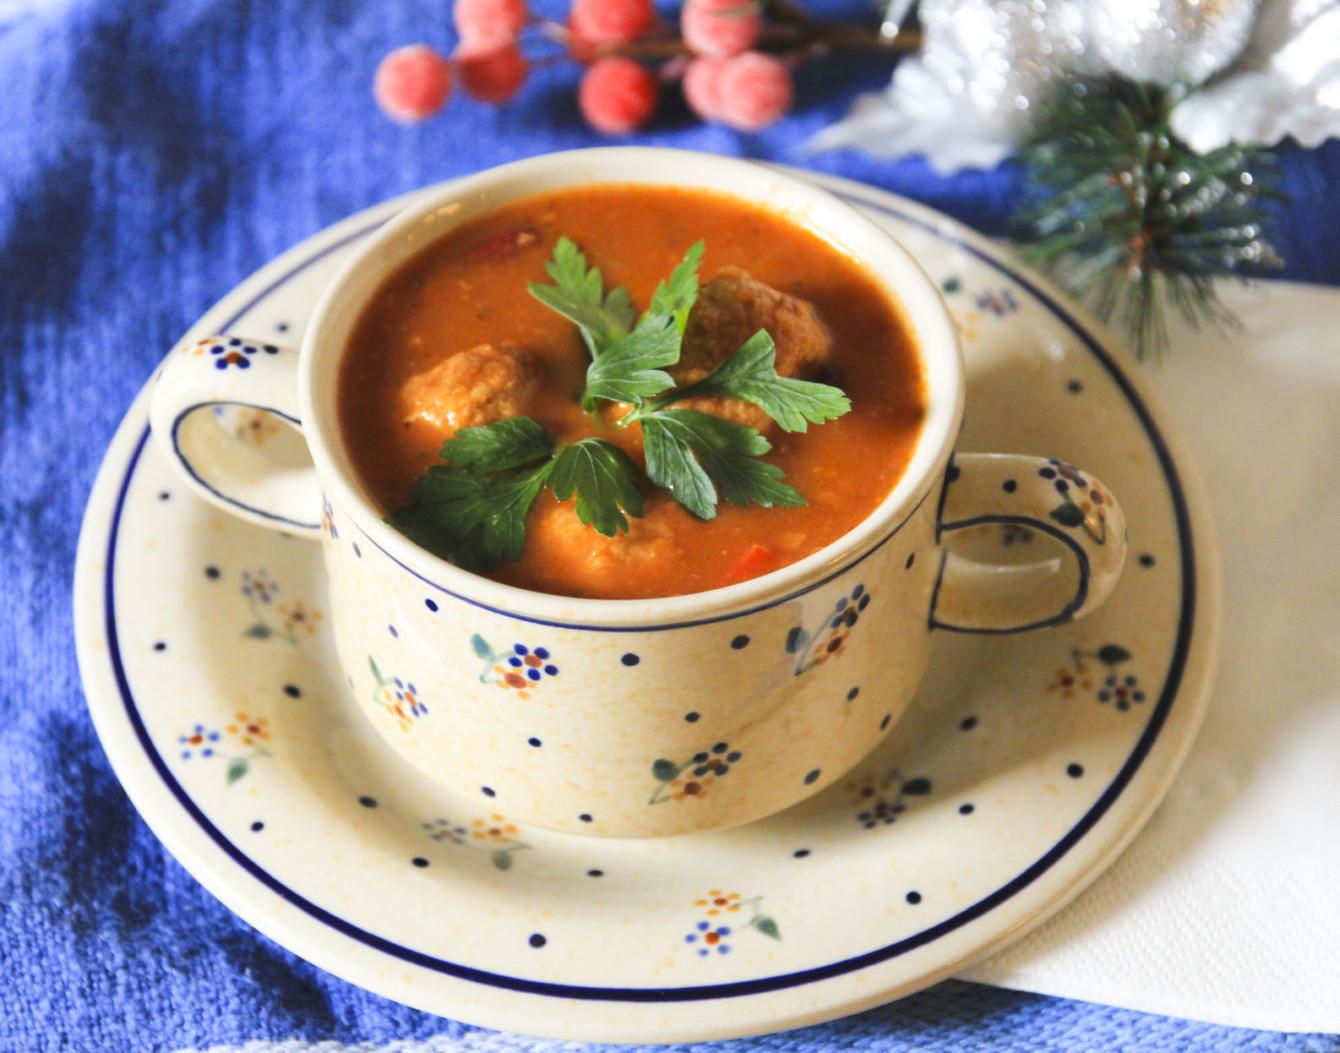 Zupa Meksykanska Smaczne Przepisy